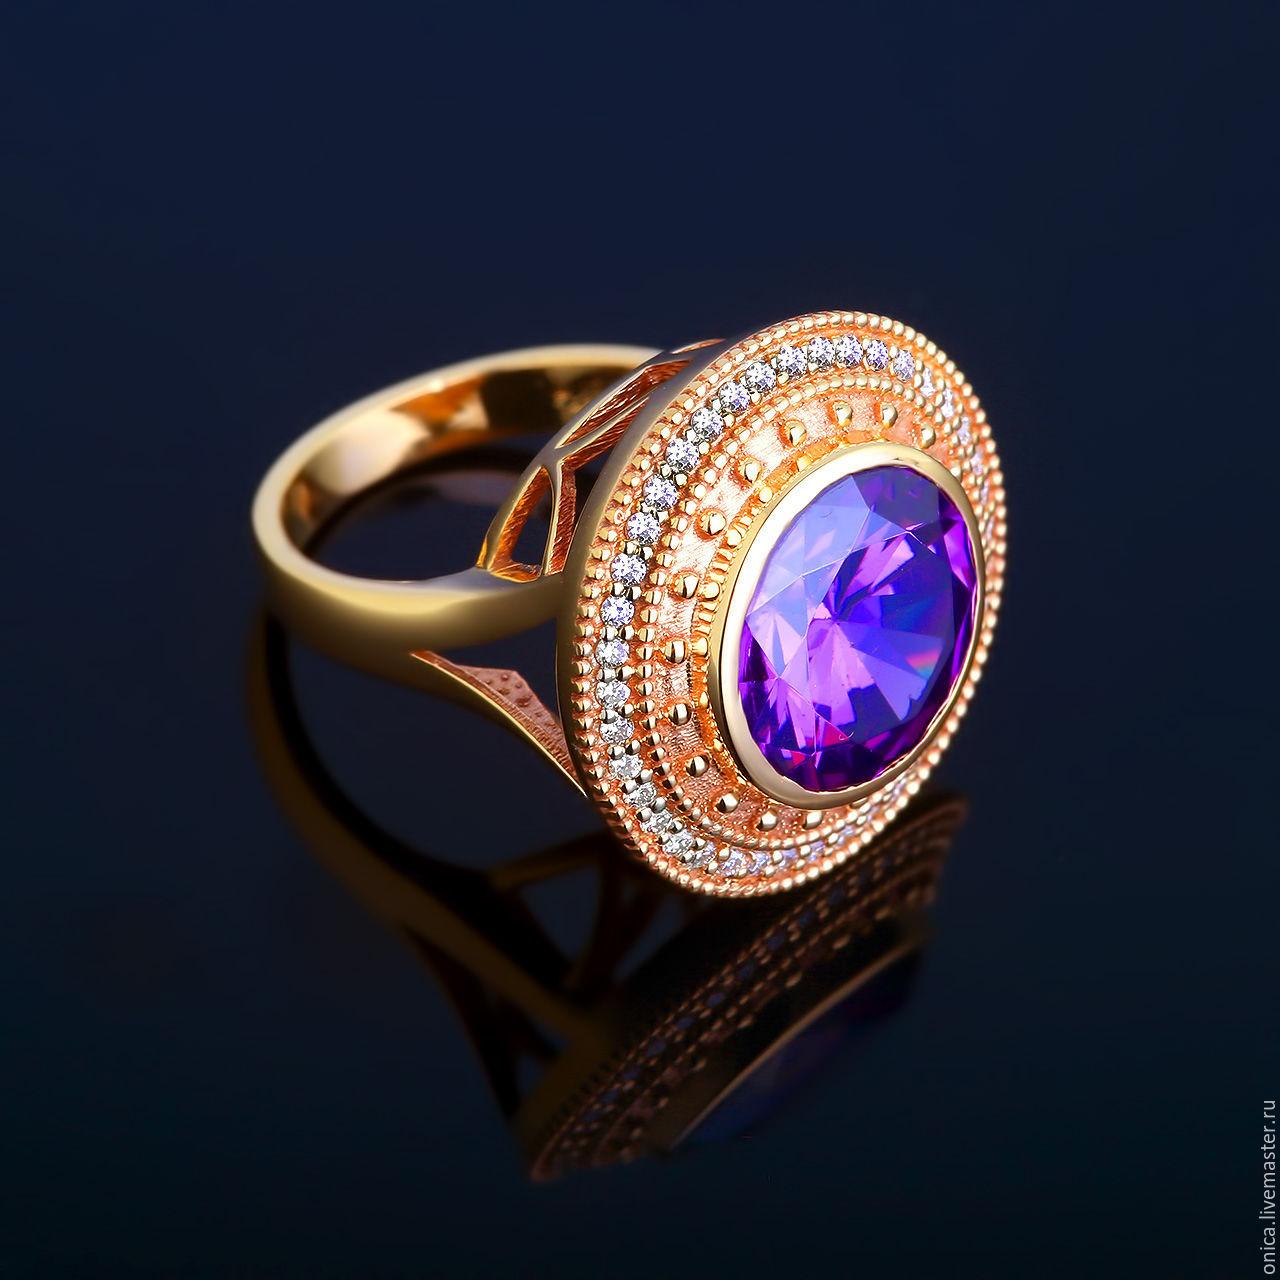 Эксклюзивное кольцо с бриллиантами и аметистом